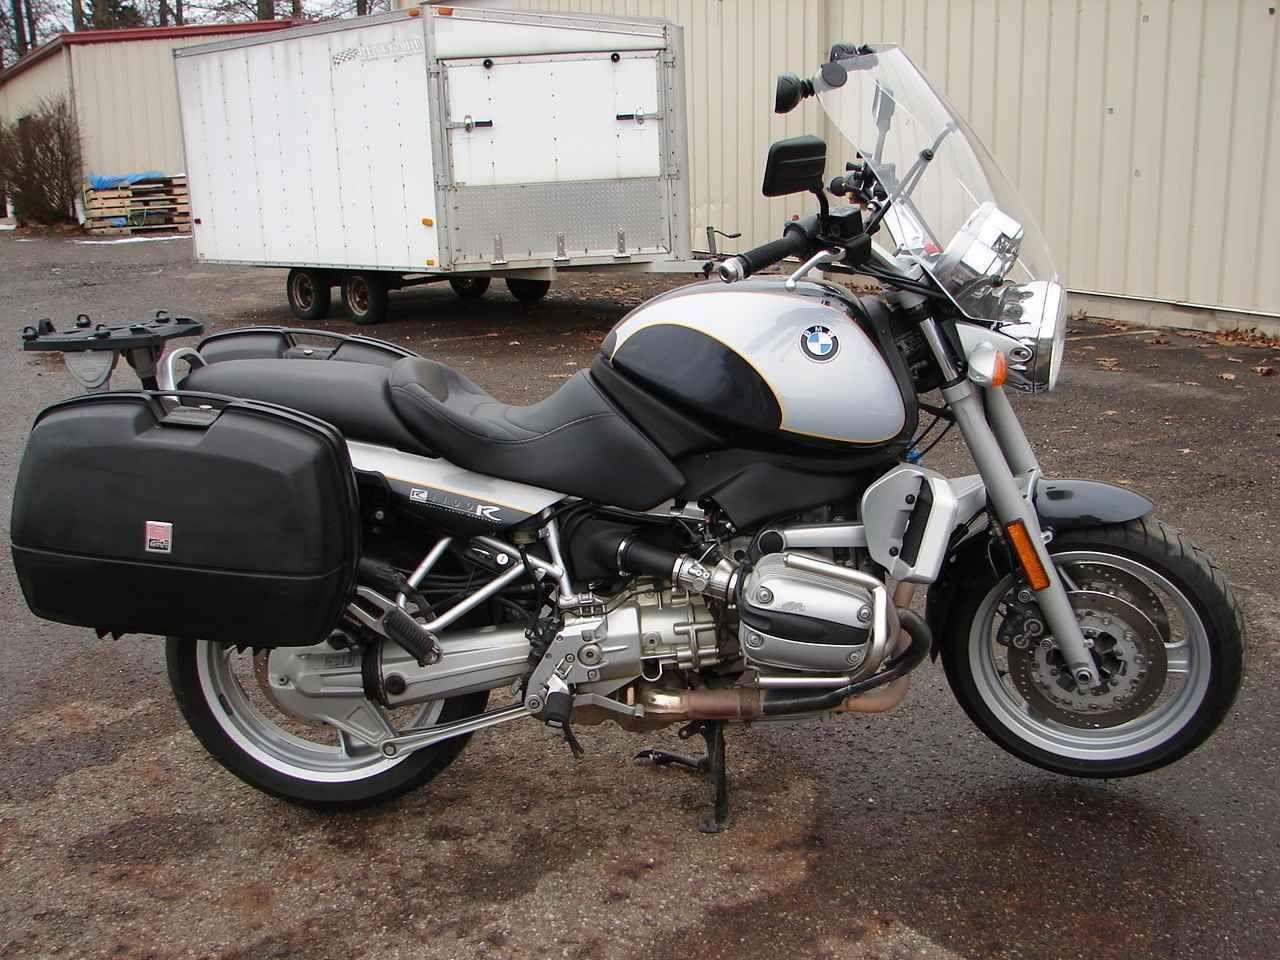 2000 Bmw R1100r Bmw Bmw R1200rt Bmw Motorcycle